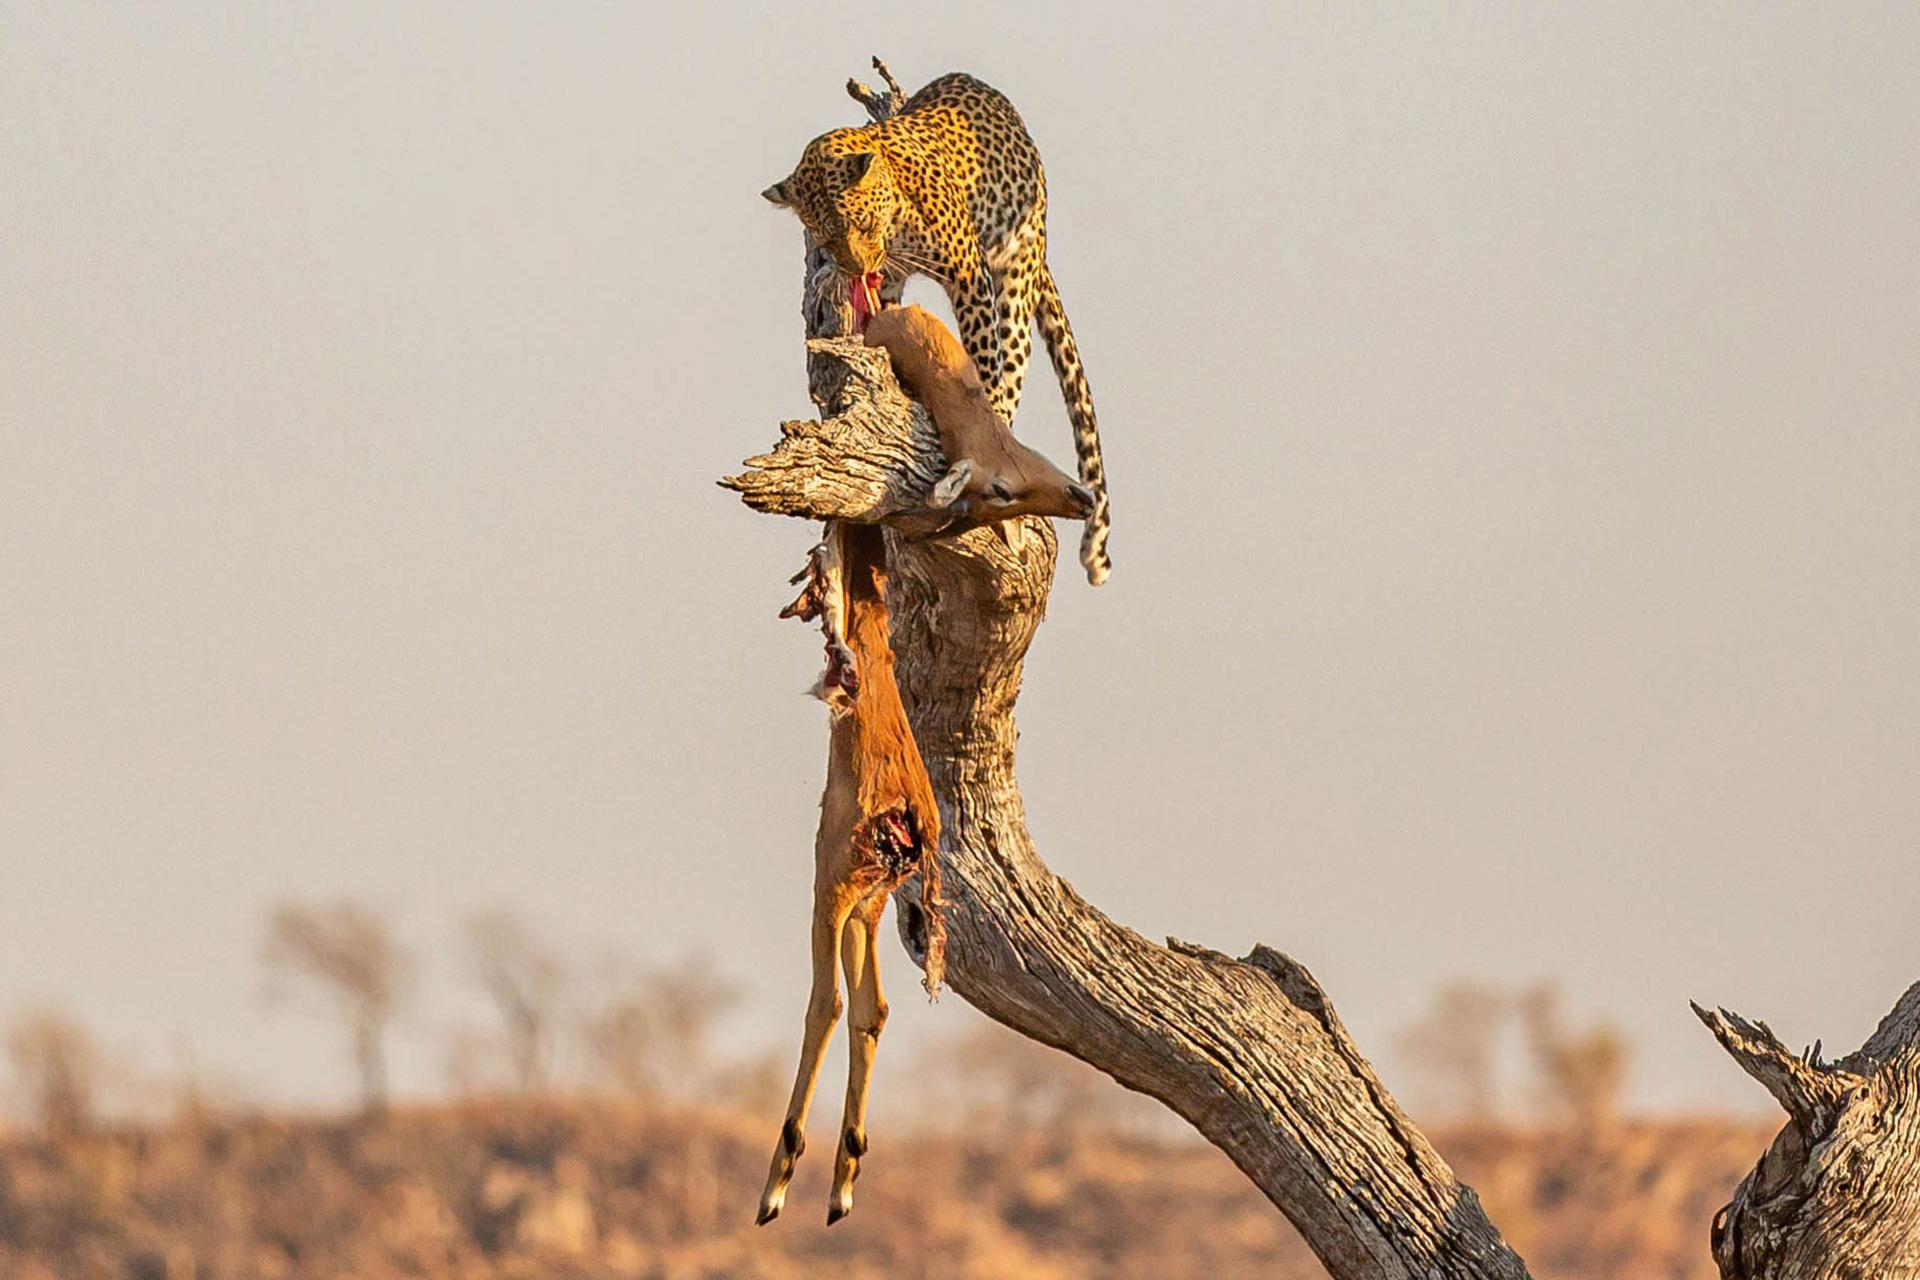 wild-focus-safaris_leopard_prey-02_botswana